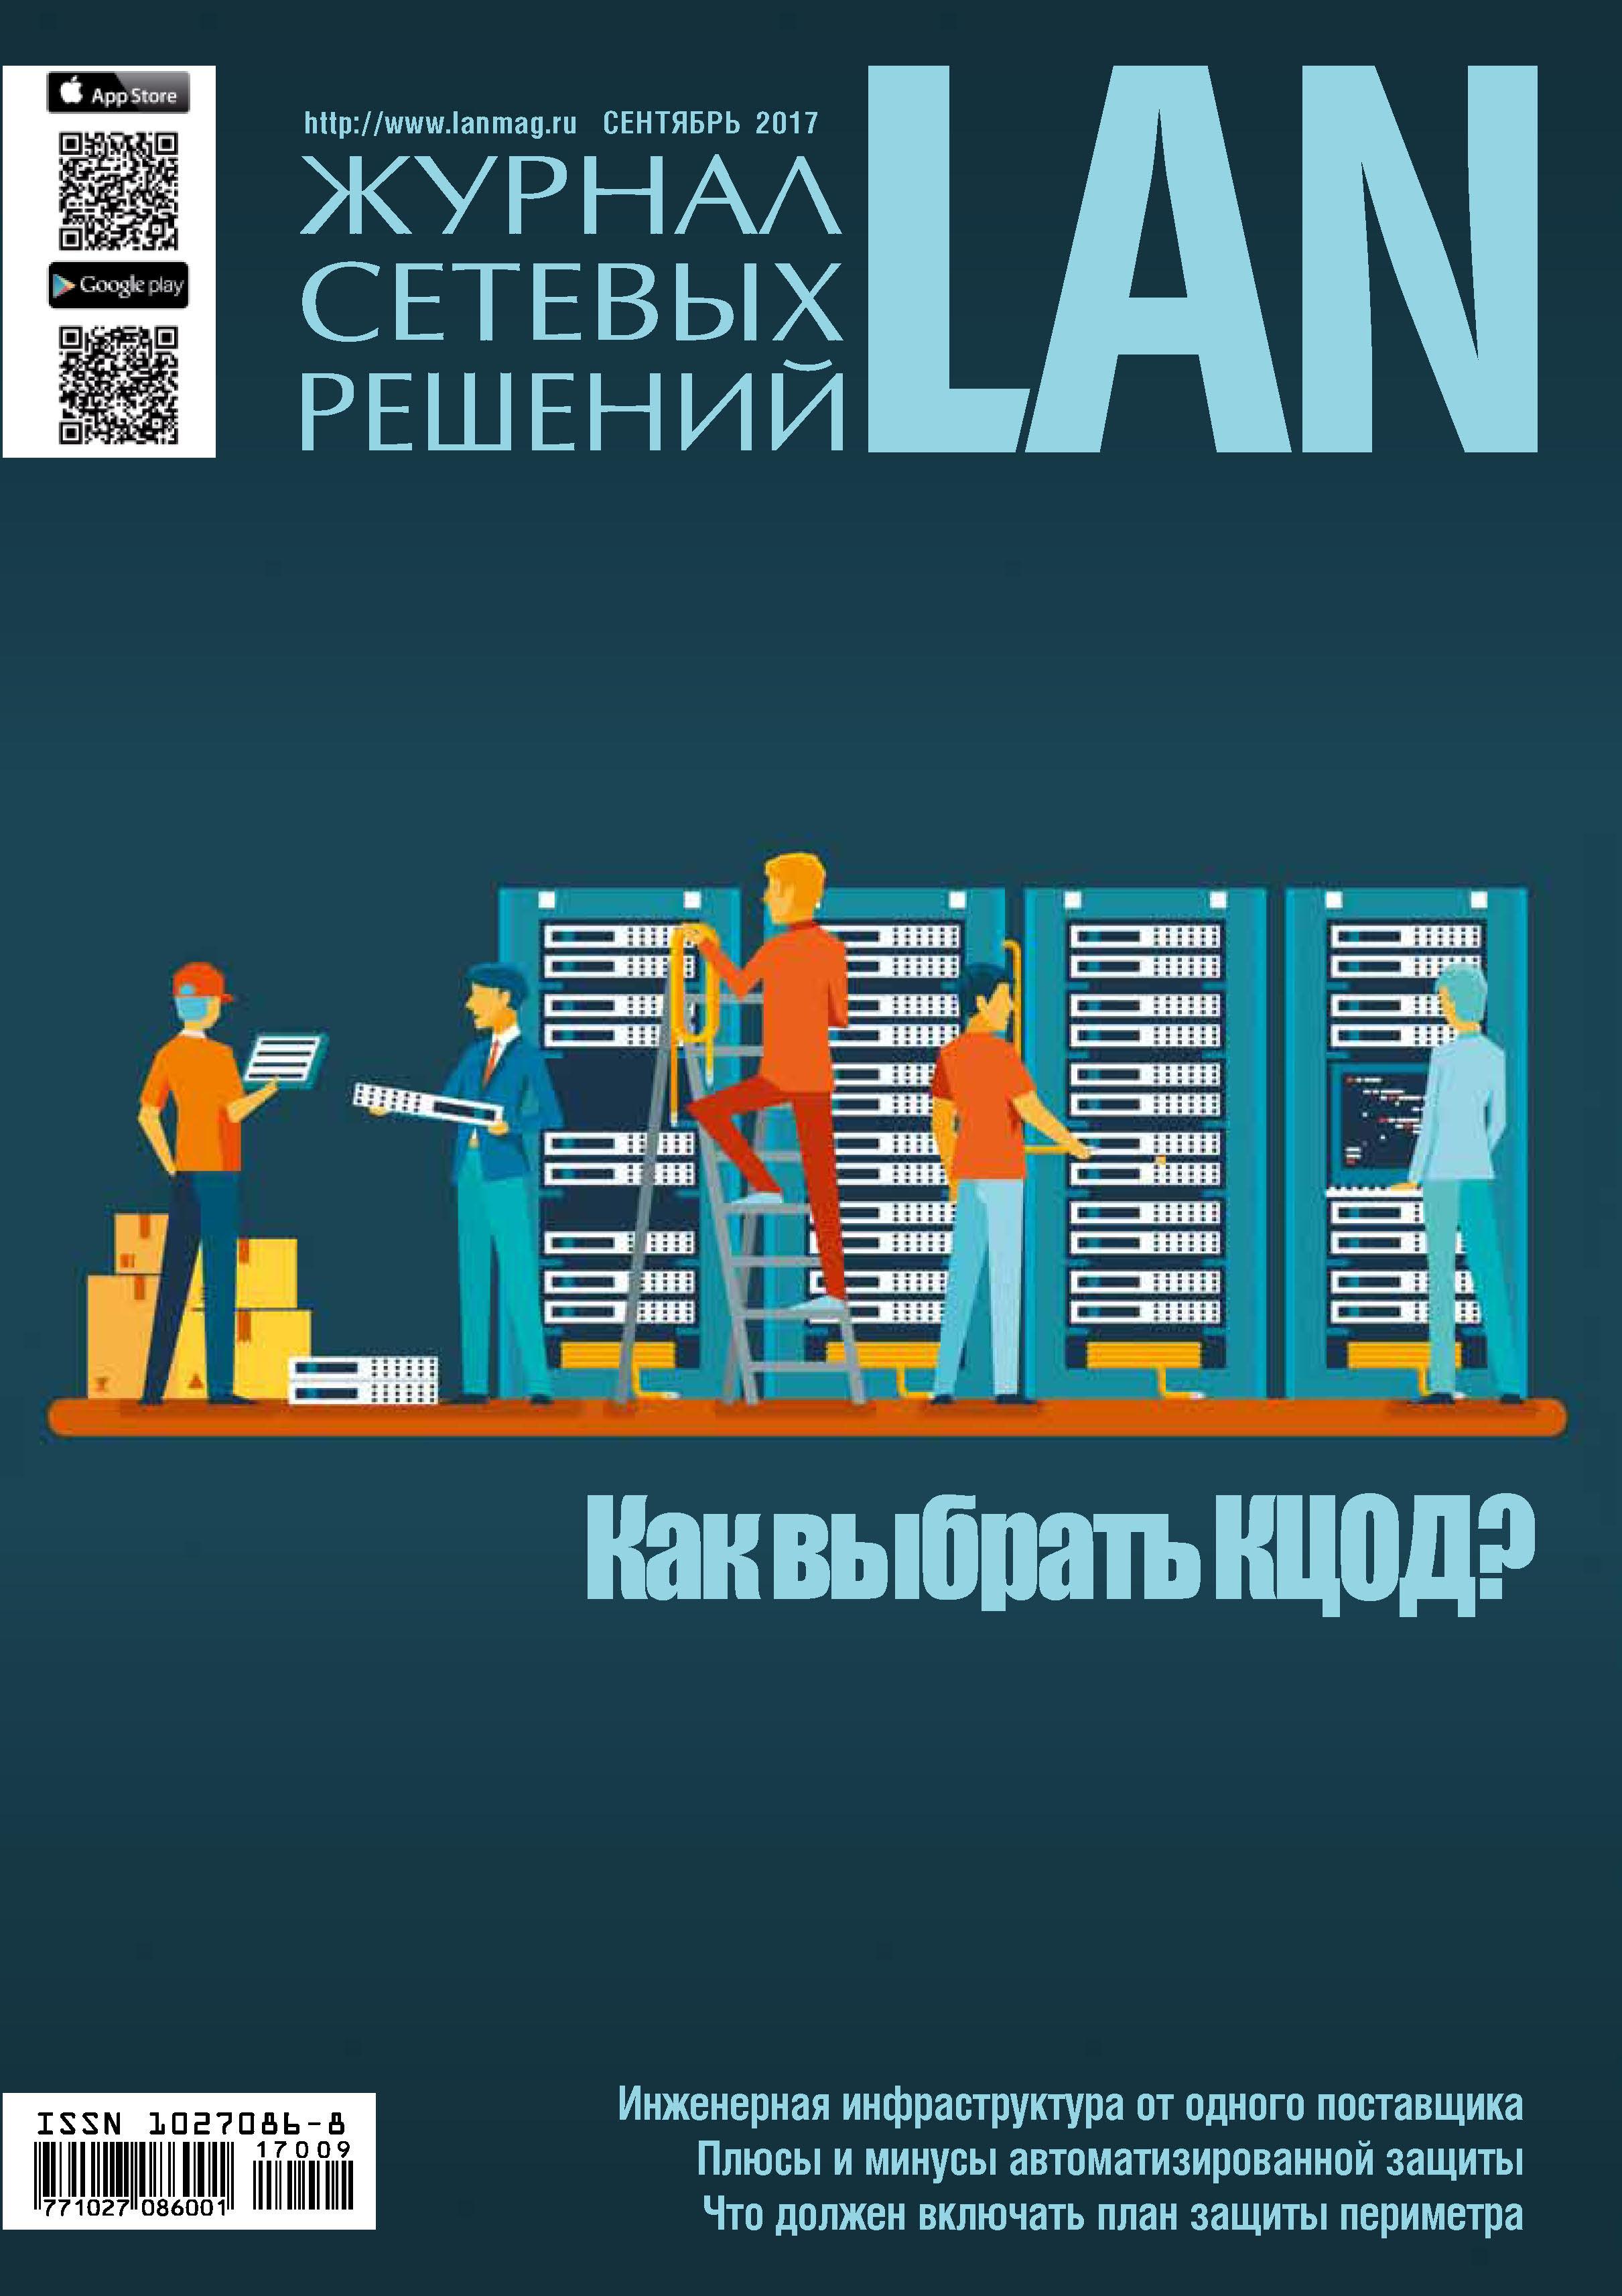 Открытые системы Журнал сетевых решений / LAN №09/2017 корабельные оптические системы связи